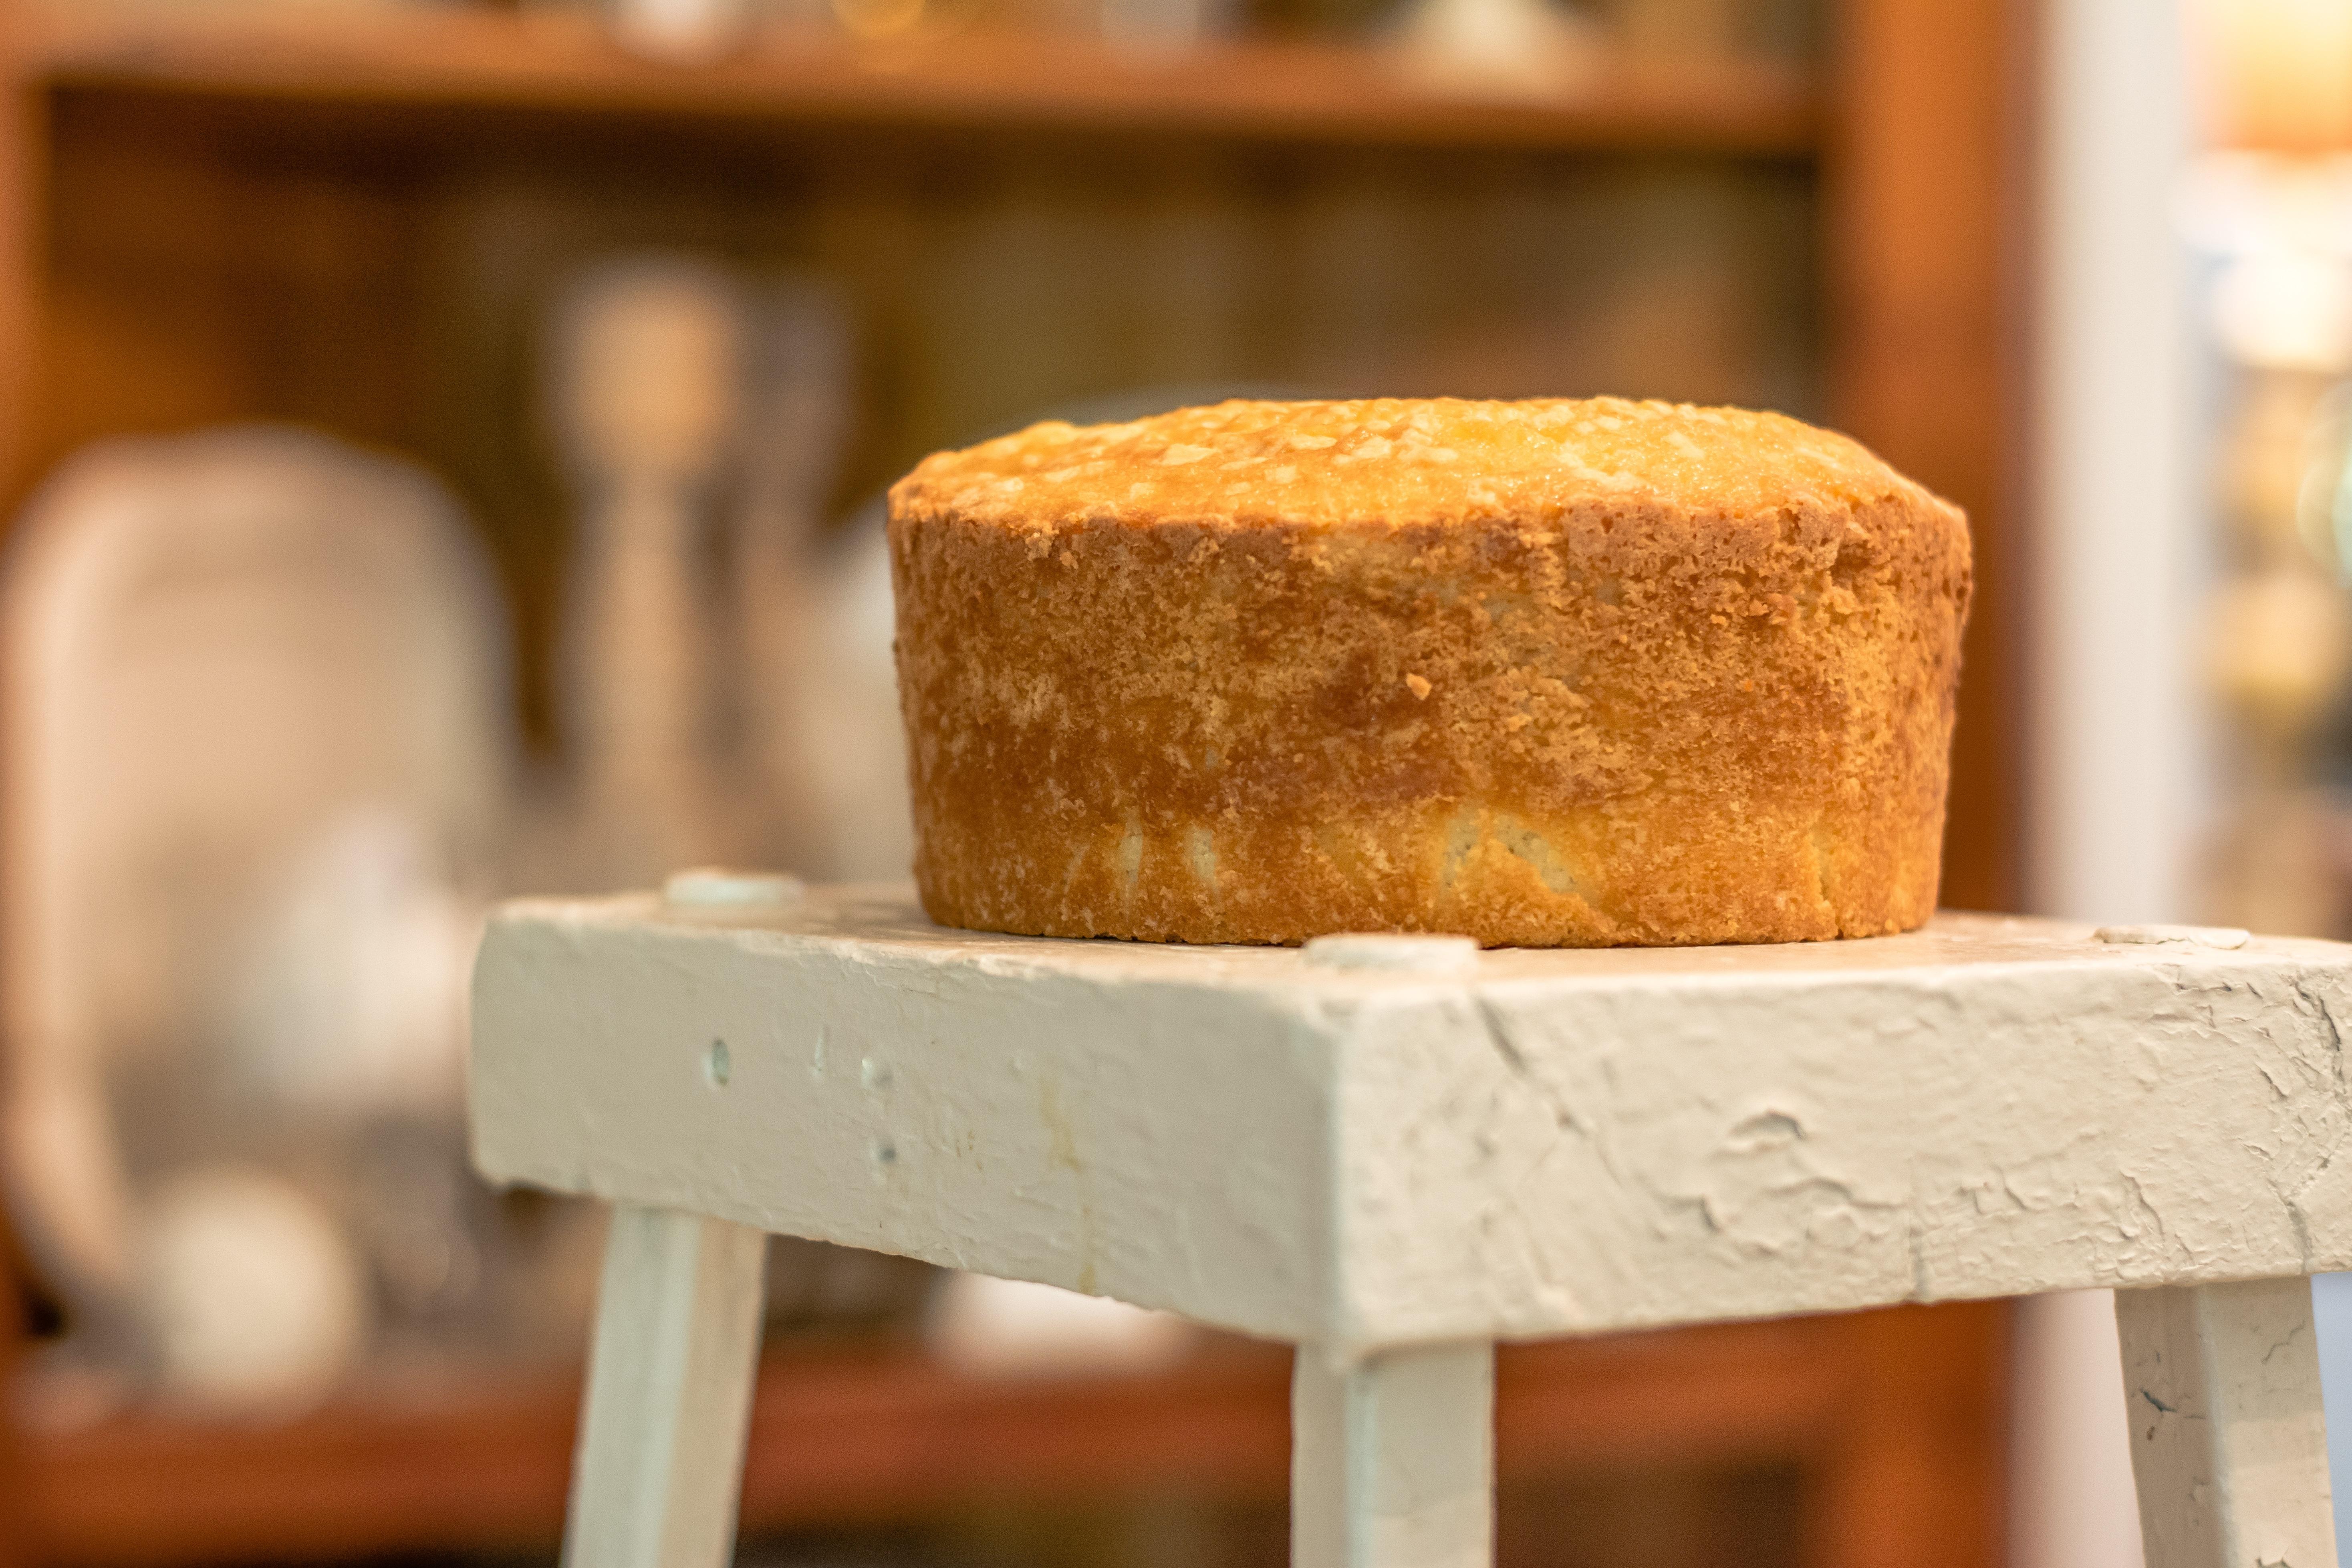 cake-on-stool-new-size